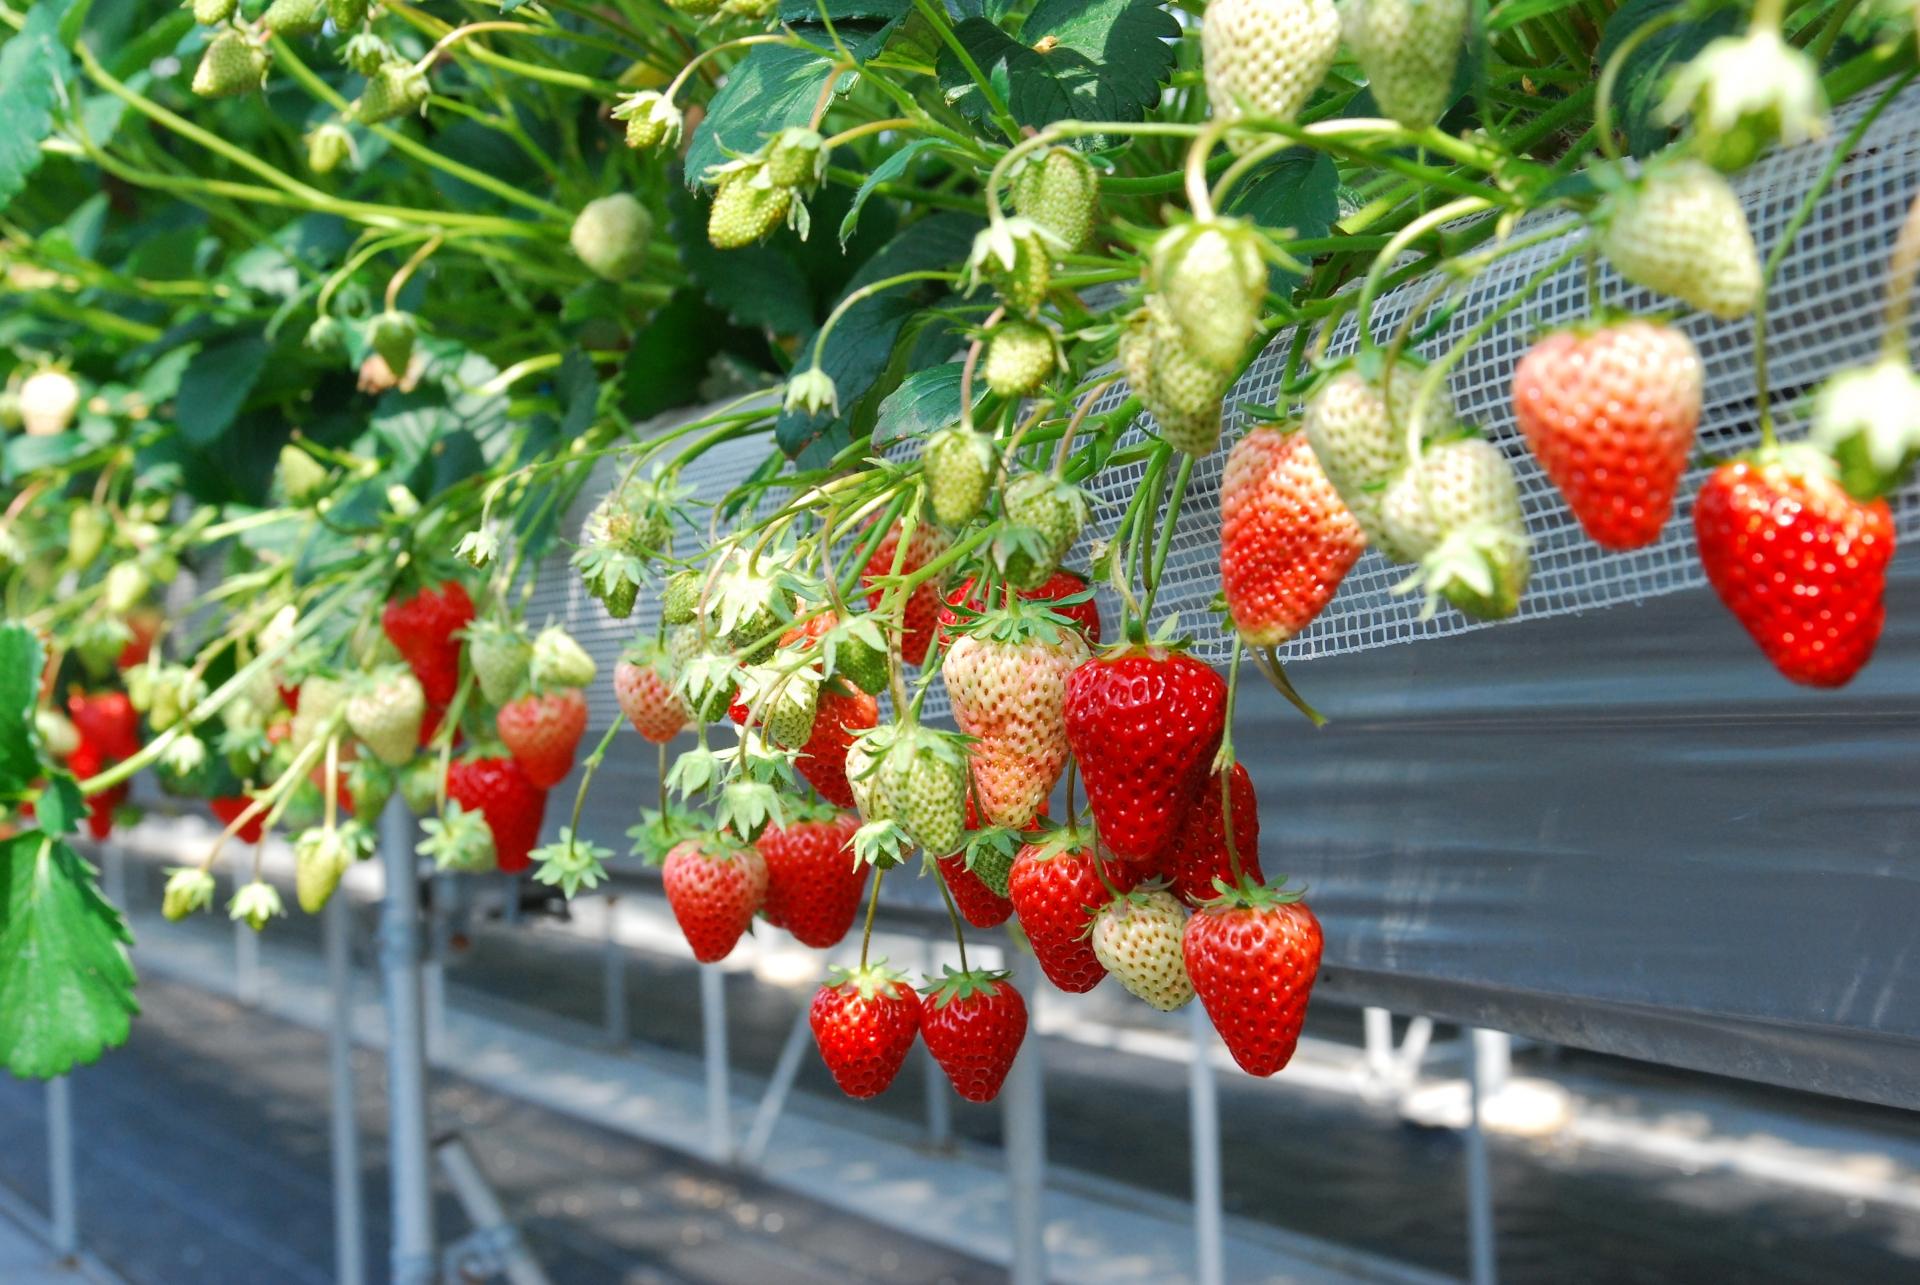 家庭菜園でいちごをプランターで育てる場合の準備と栽培のコツ